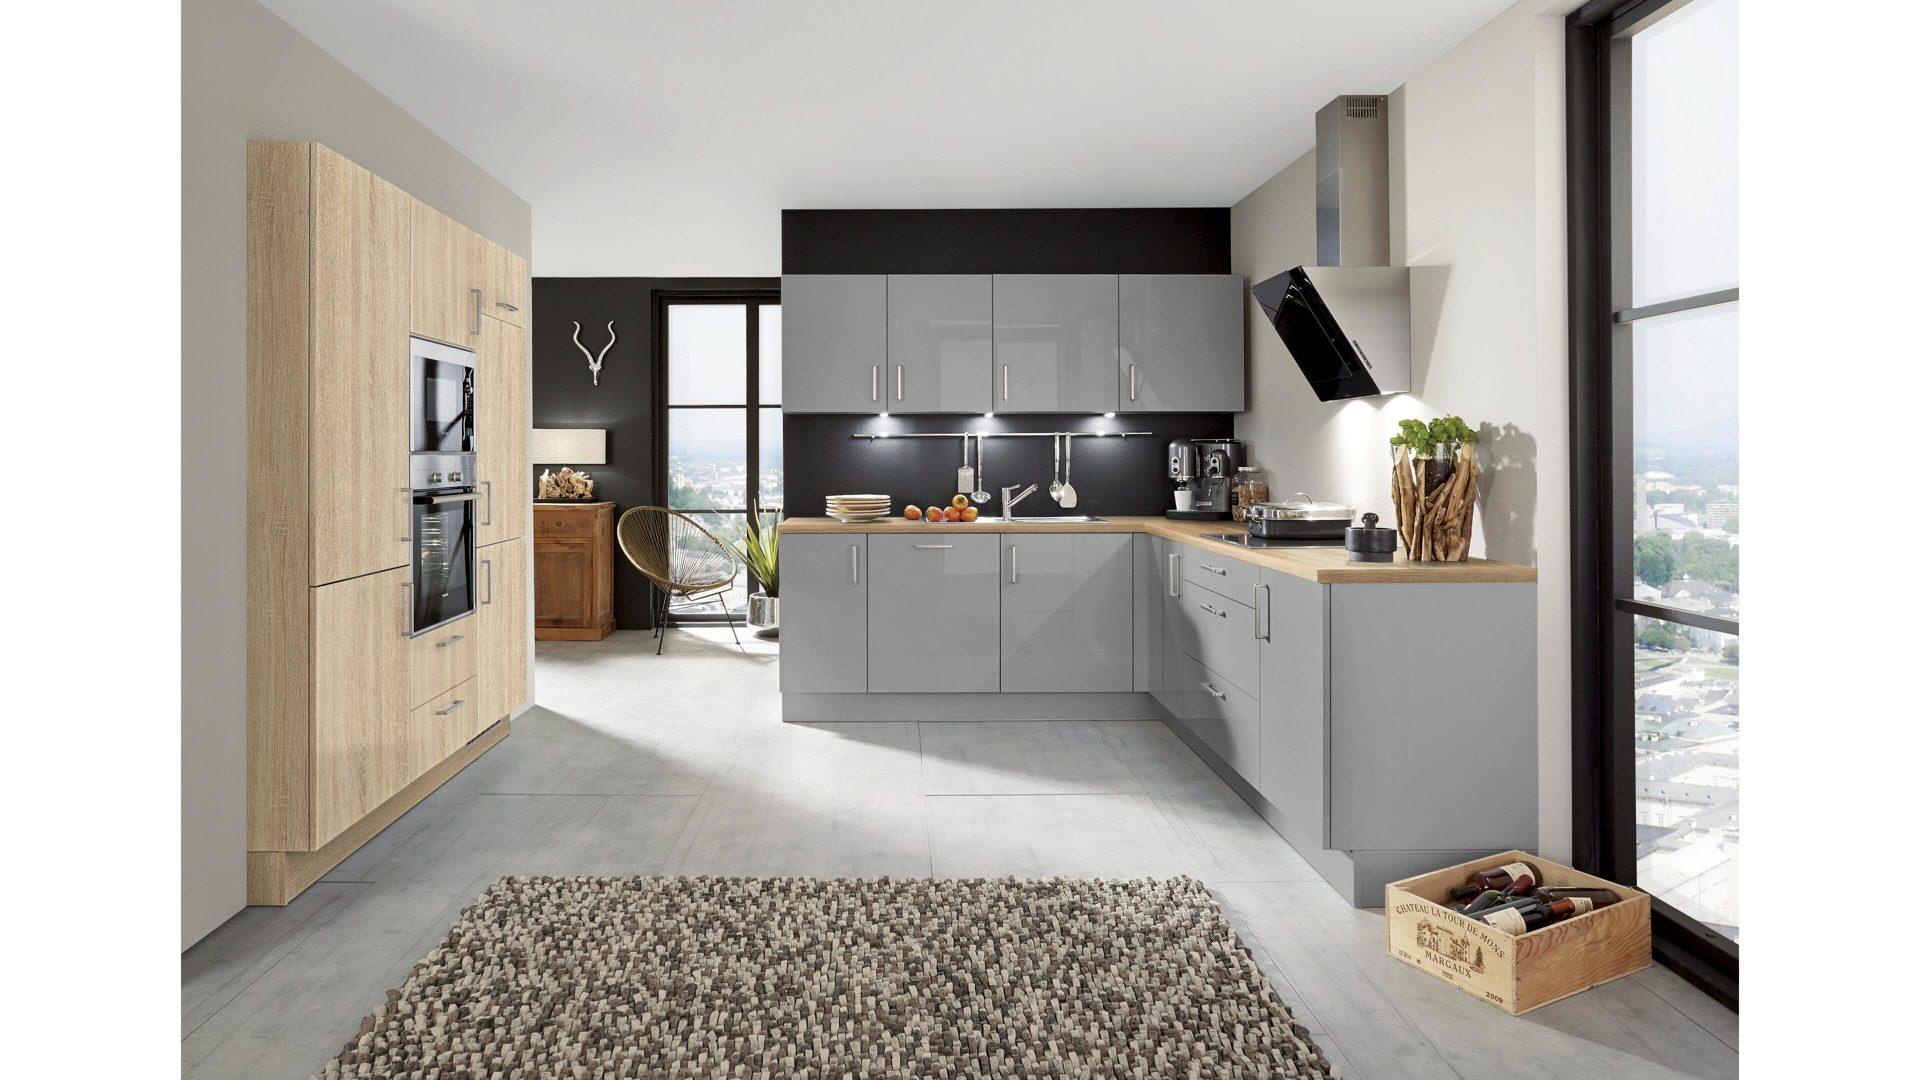 Siemens Kühlschrank Schwarz : Einbauküche mit siemens elektrogeräten wie kühlschrank etc